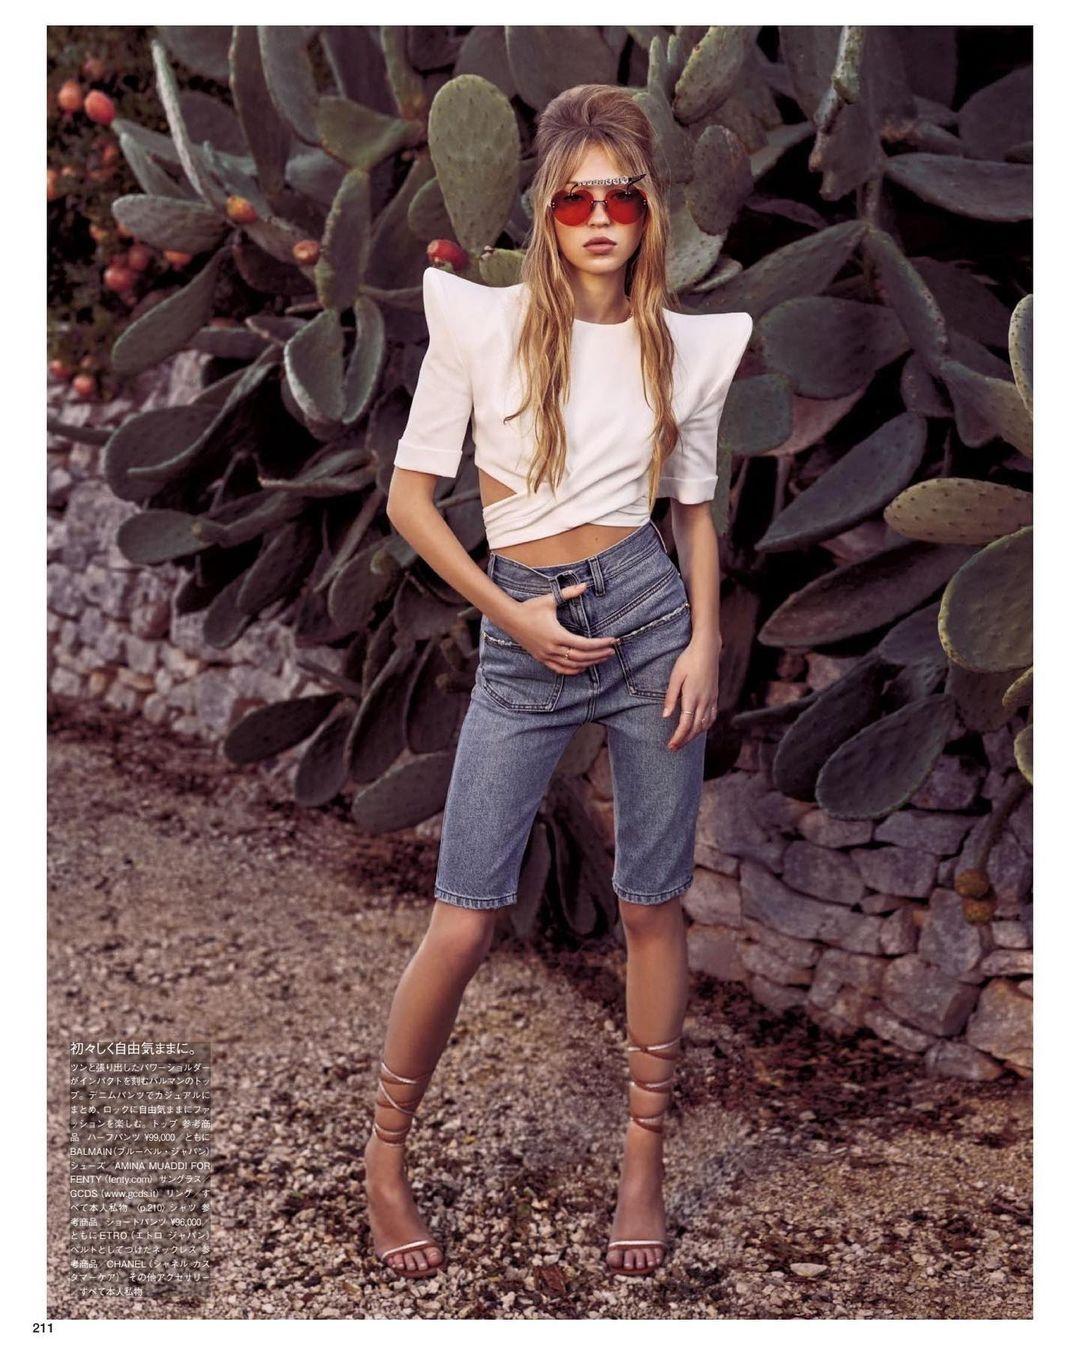 Поразительное сходство: дочь Кейт Мосс снялась для обложки японского Vogue (ФОТО) - фото №3